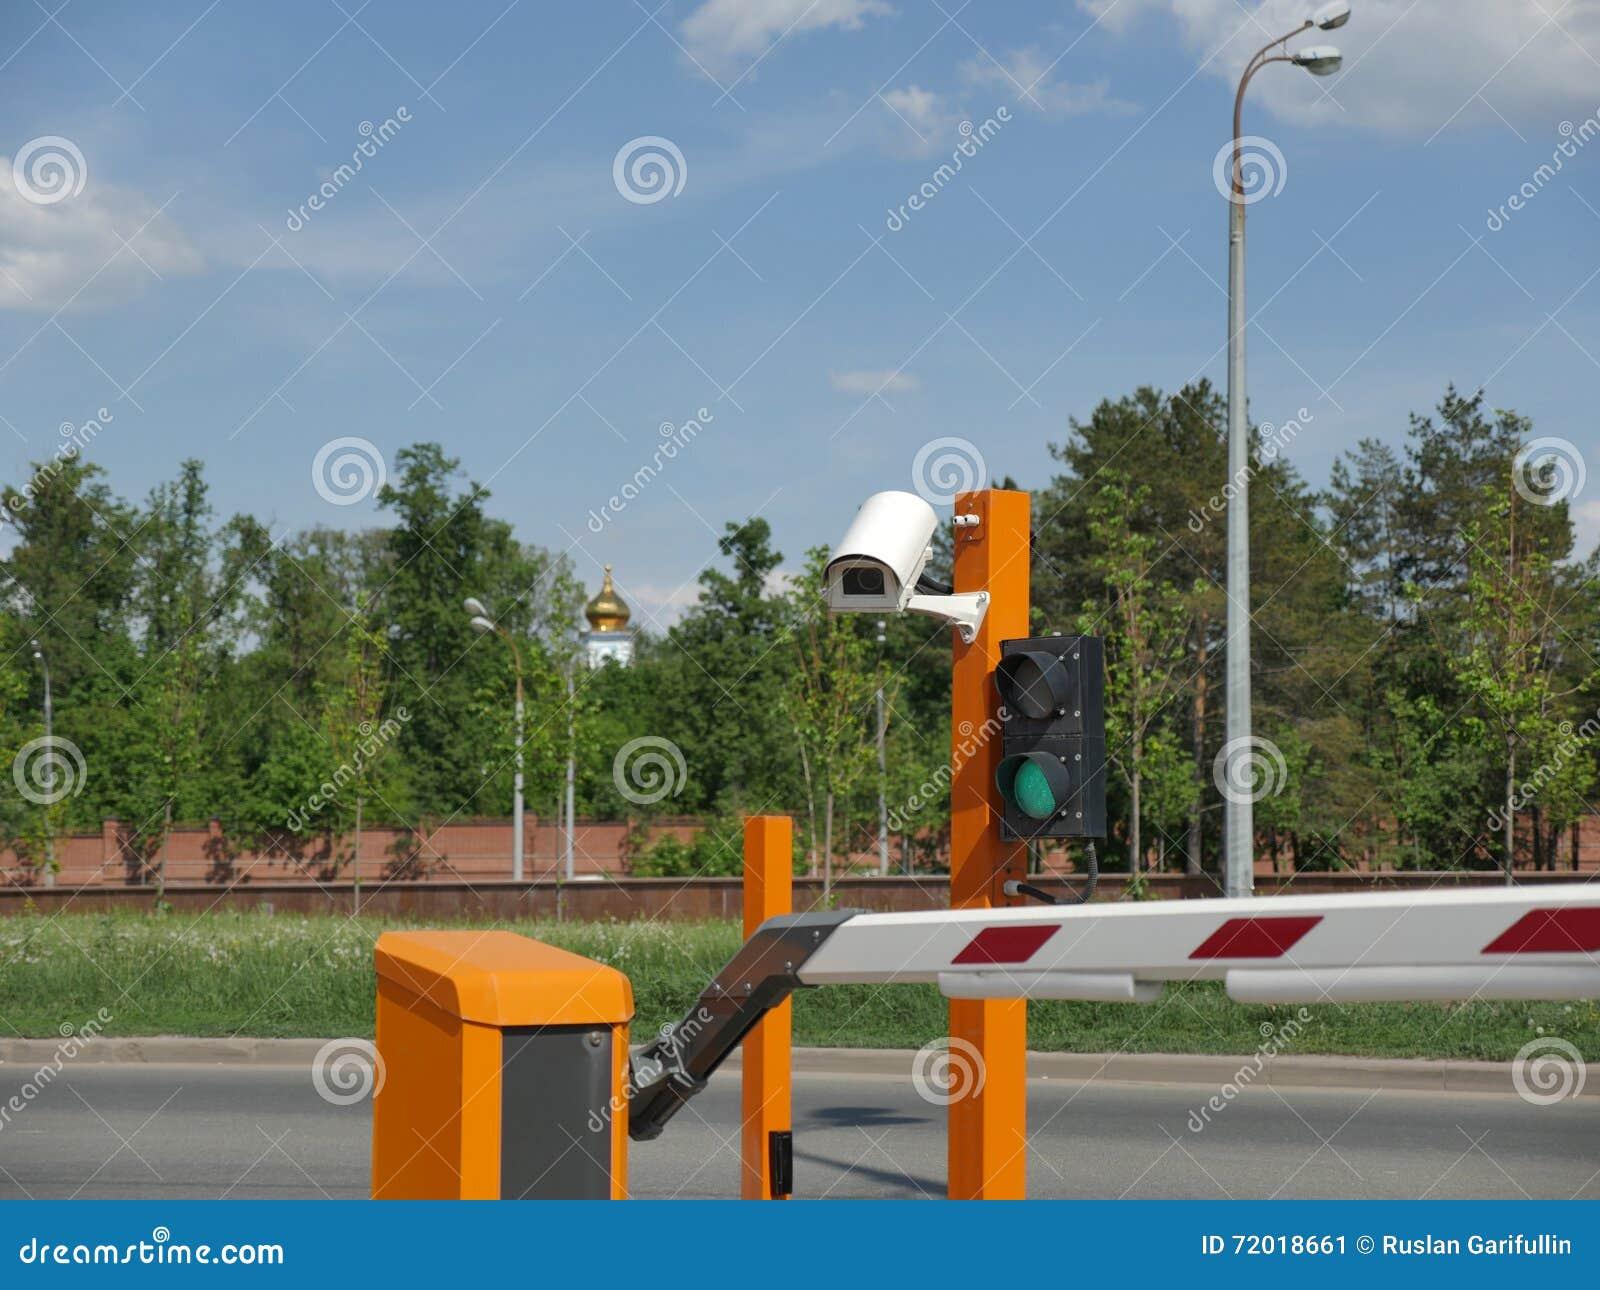 Automatyzujący samochodowy parking z CCTV CCTV kamery tablica rejestracyjna